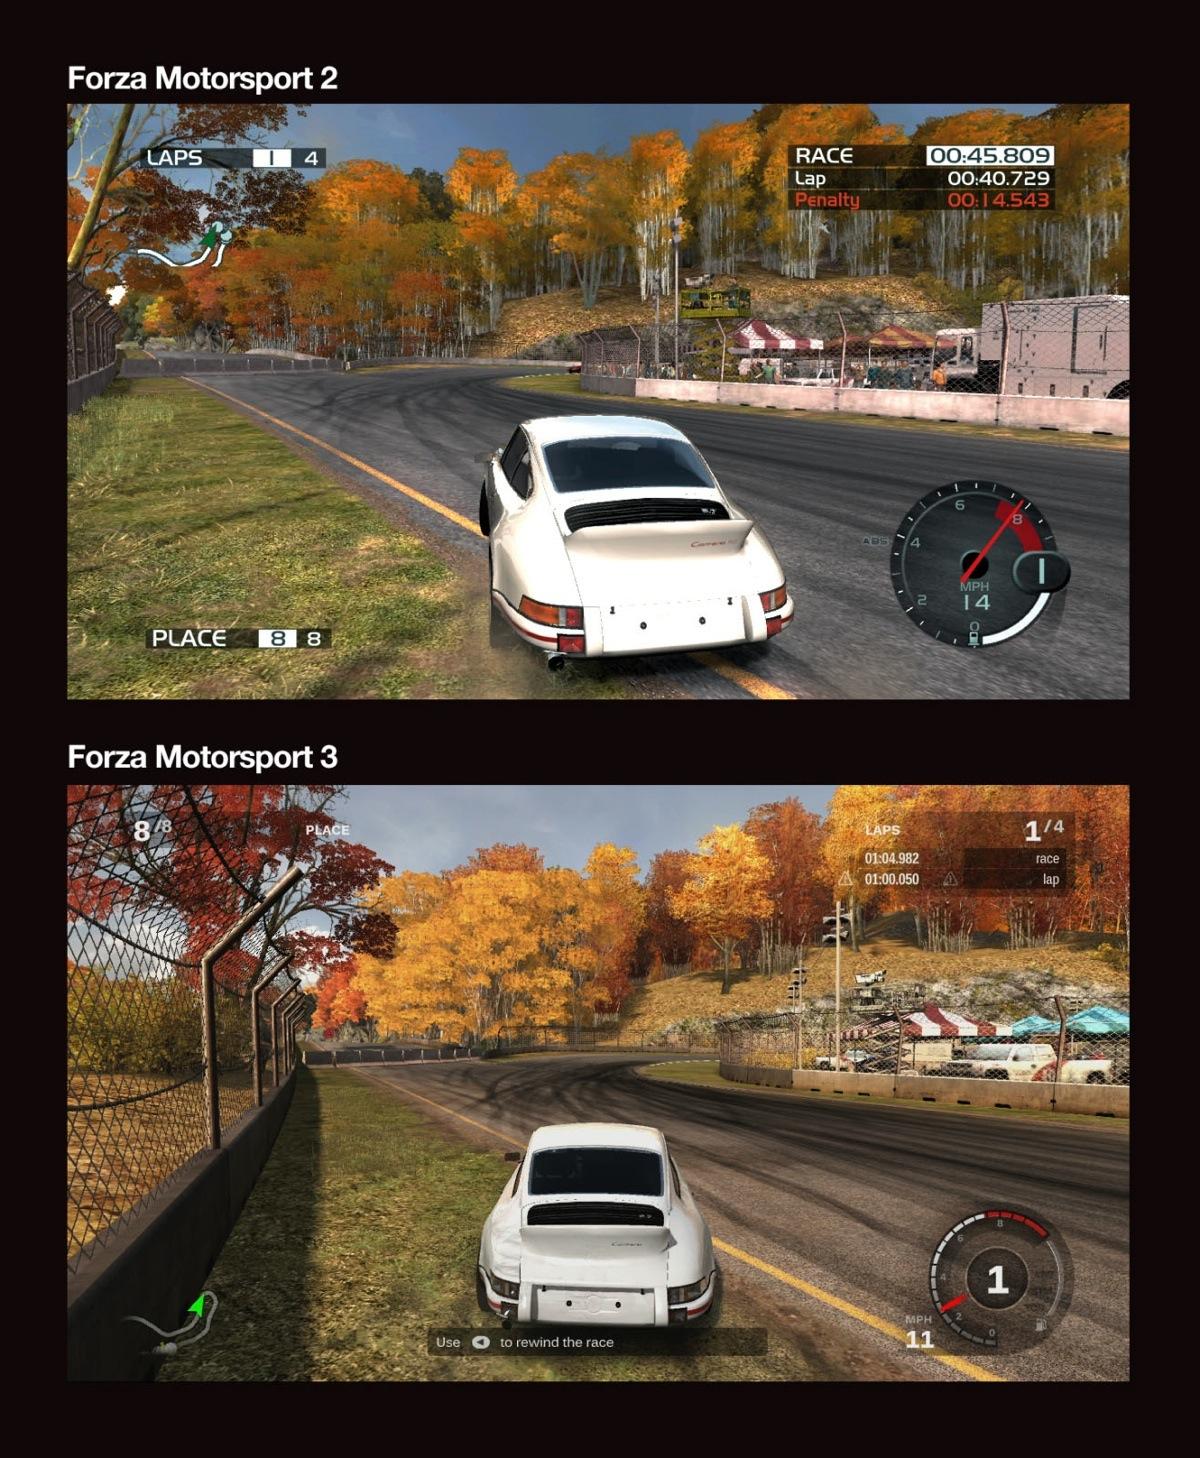 Forza3 X360 Div-Comparo003